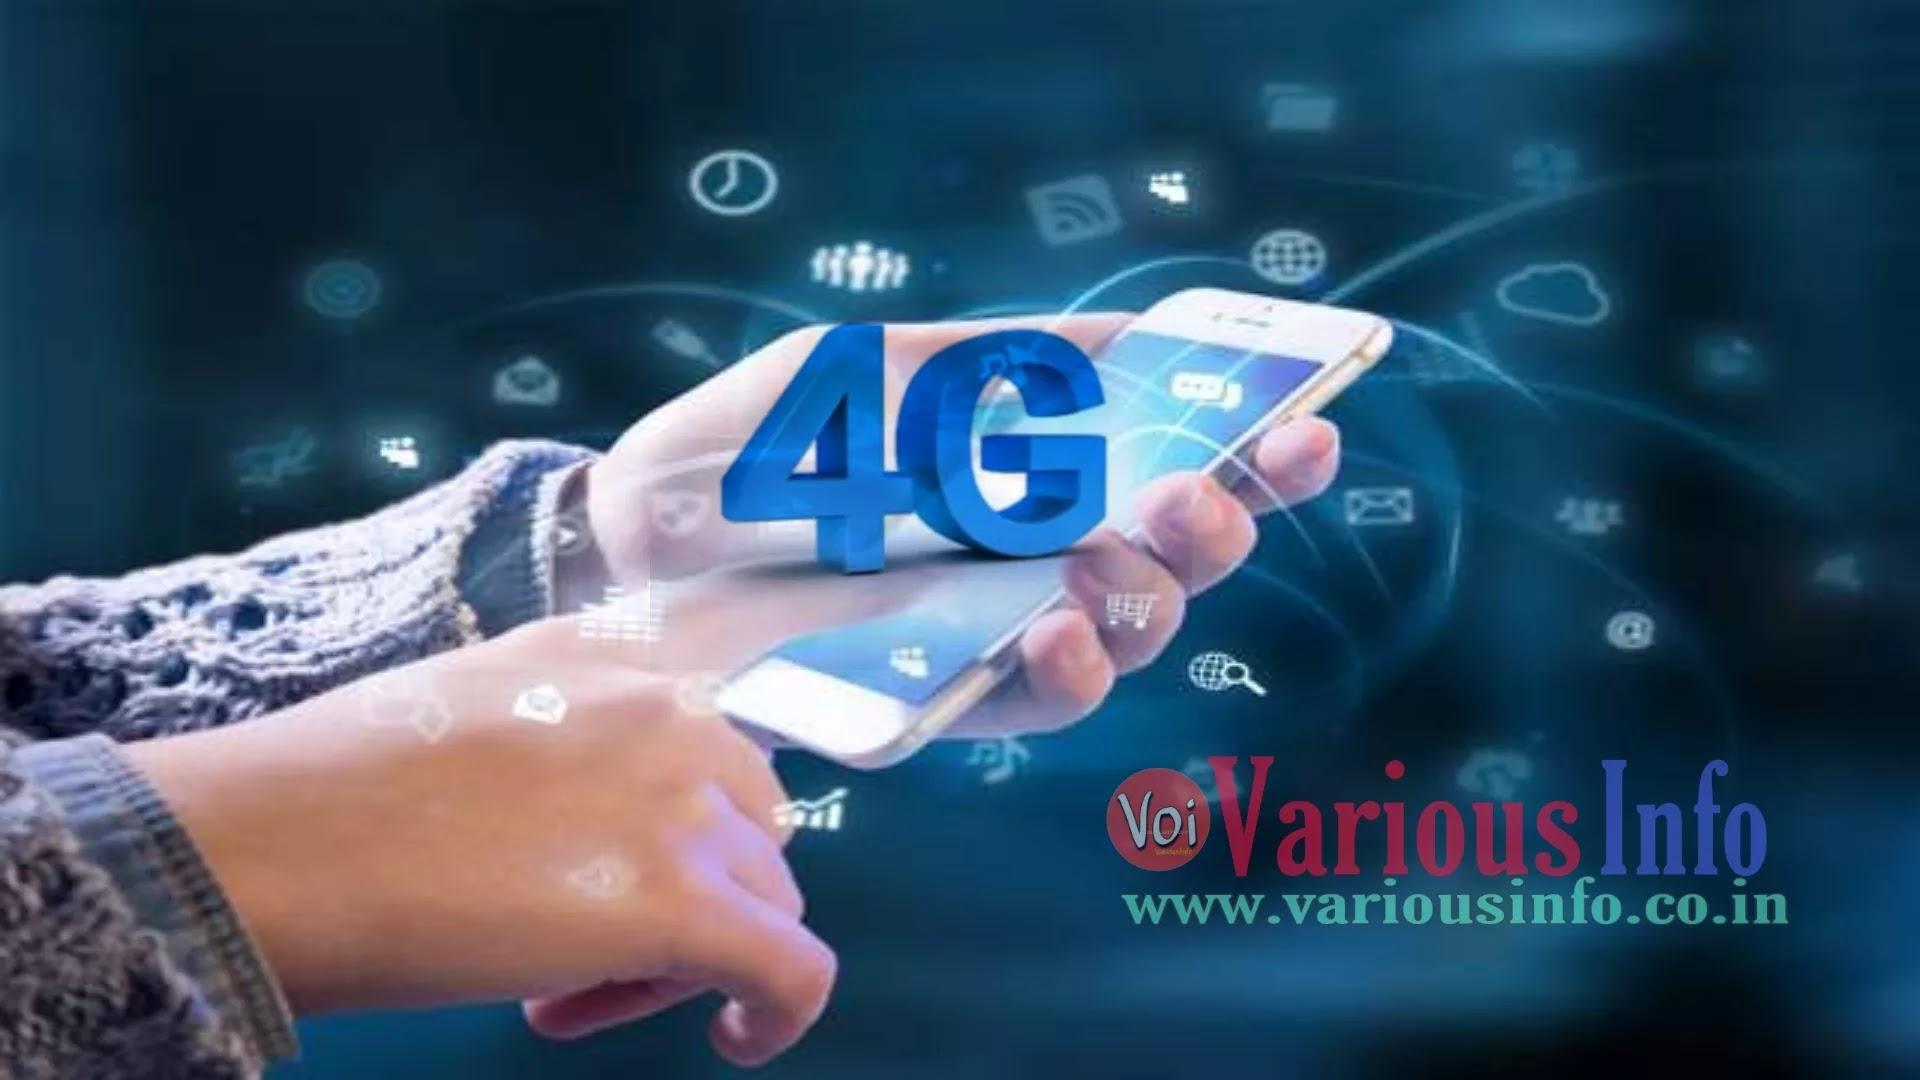 4G का क्या मतलब है? 4G की शुरुआत कब हुई? 5G का मतलब क्या है? 3G 4G क्या है? भारत में 4G कब लांच हुआ? भारत का पहला 4G नेटवर्क कौन सा है? भारत में 3G कब लांच हुआ? इंडिया में 5G लॉन्च कब होगा? इंडिया में 5G नेटवर्क कब आएगा? इंडिया का सबसे फास्ट नेटवर्क कौन सा है 2019?